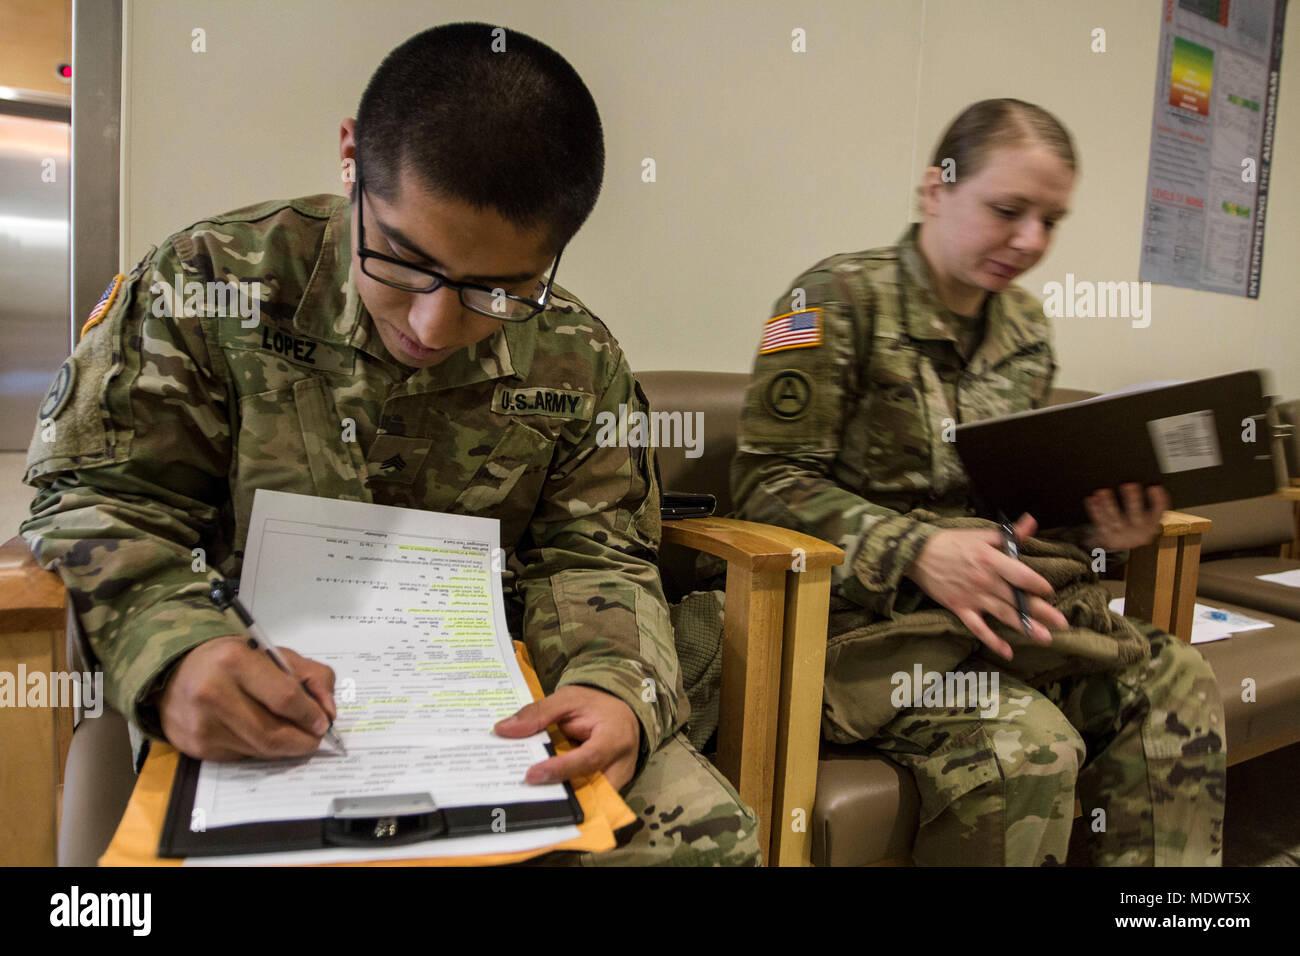 Beste Armee Zum Zivilen Lebenslauf Bilder - Entry Level Resume ...